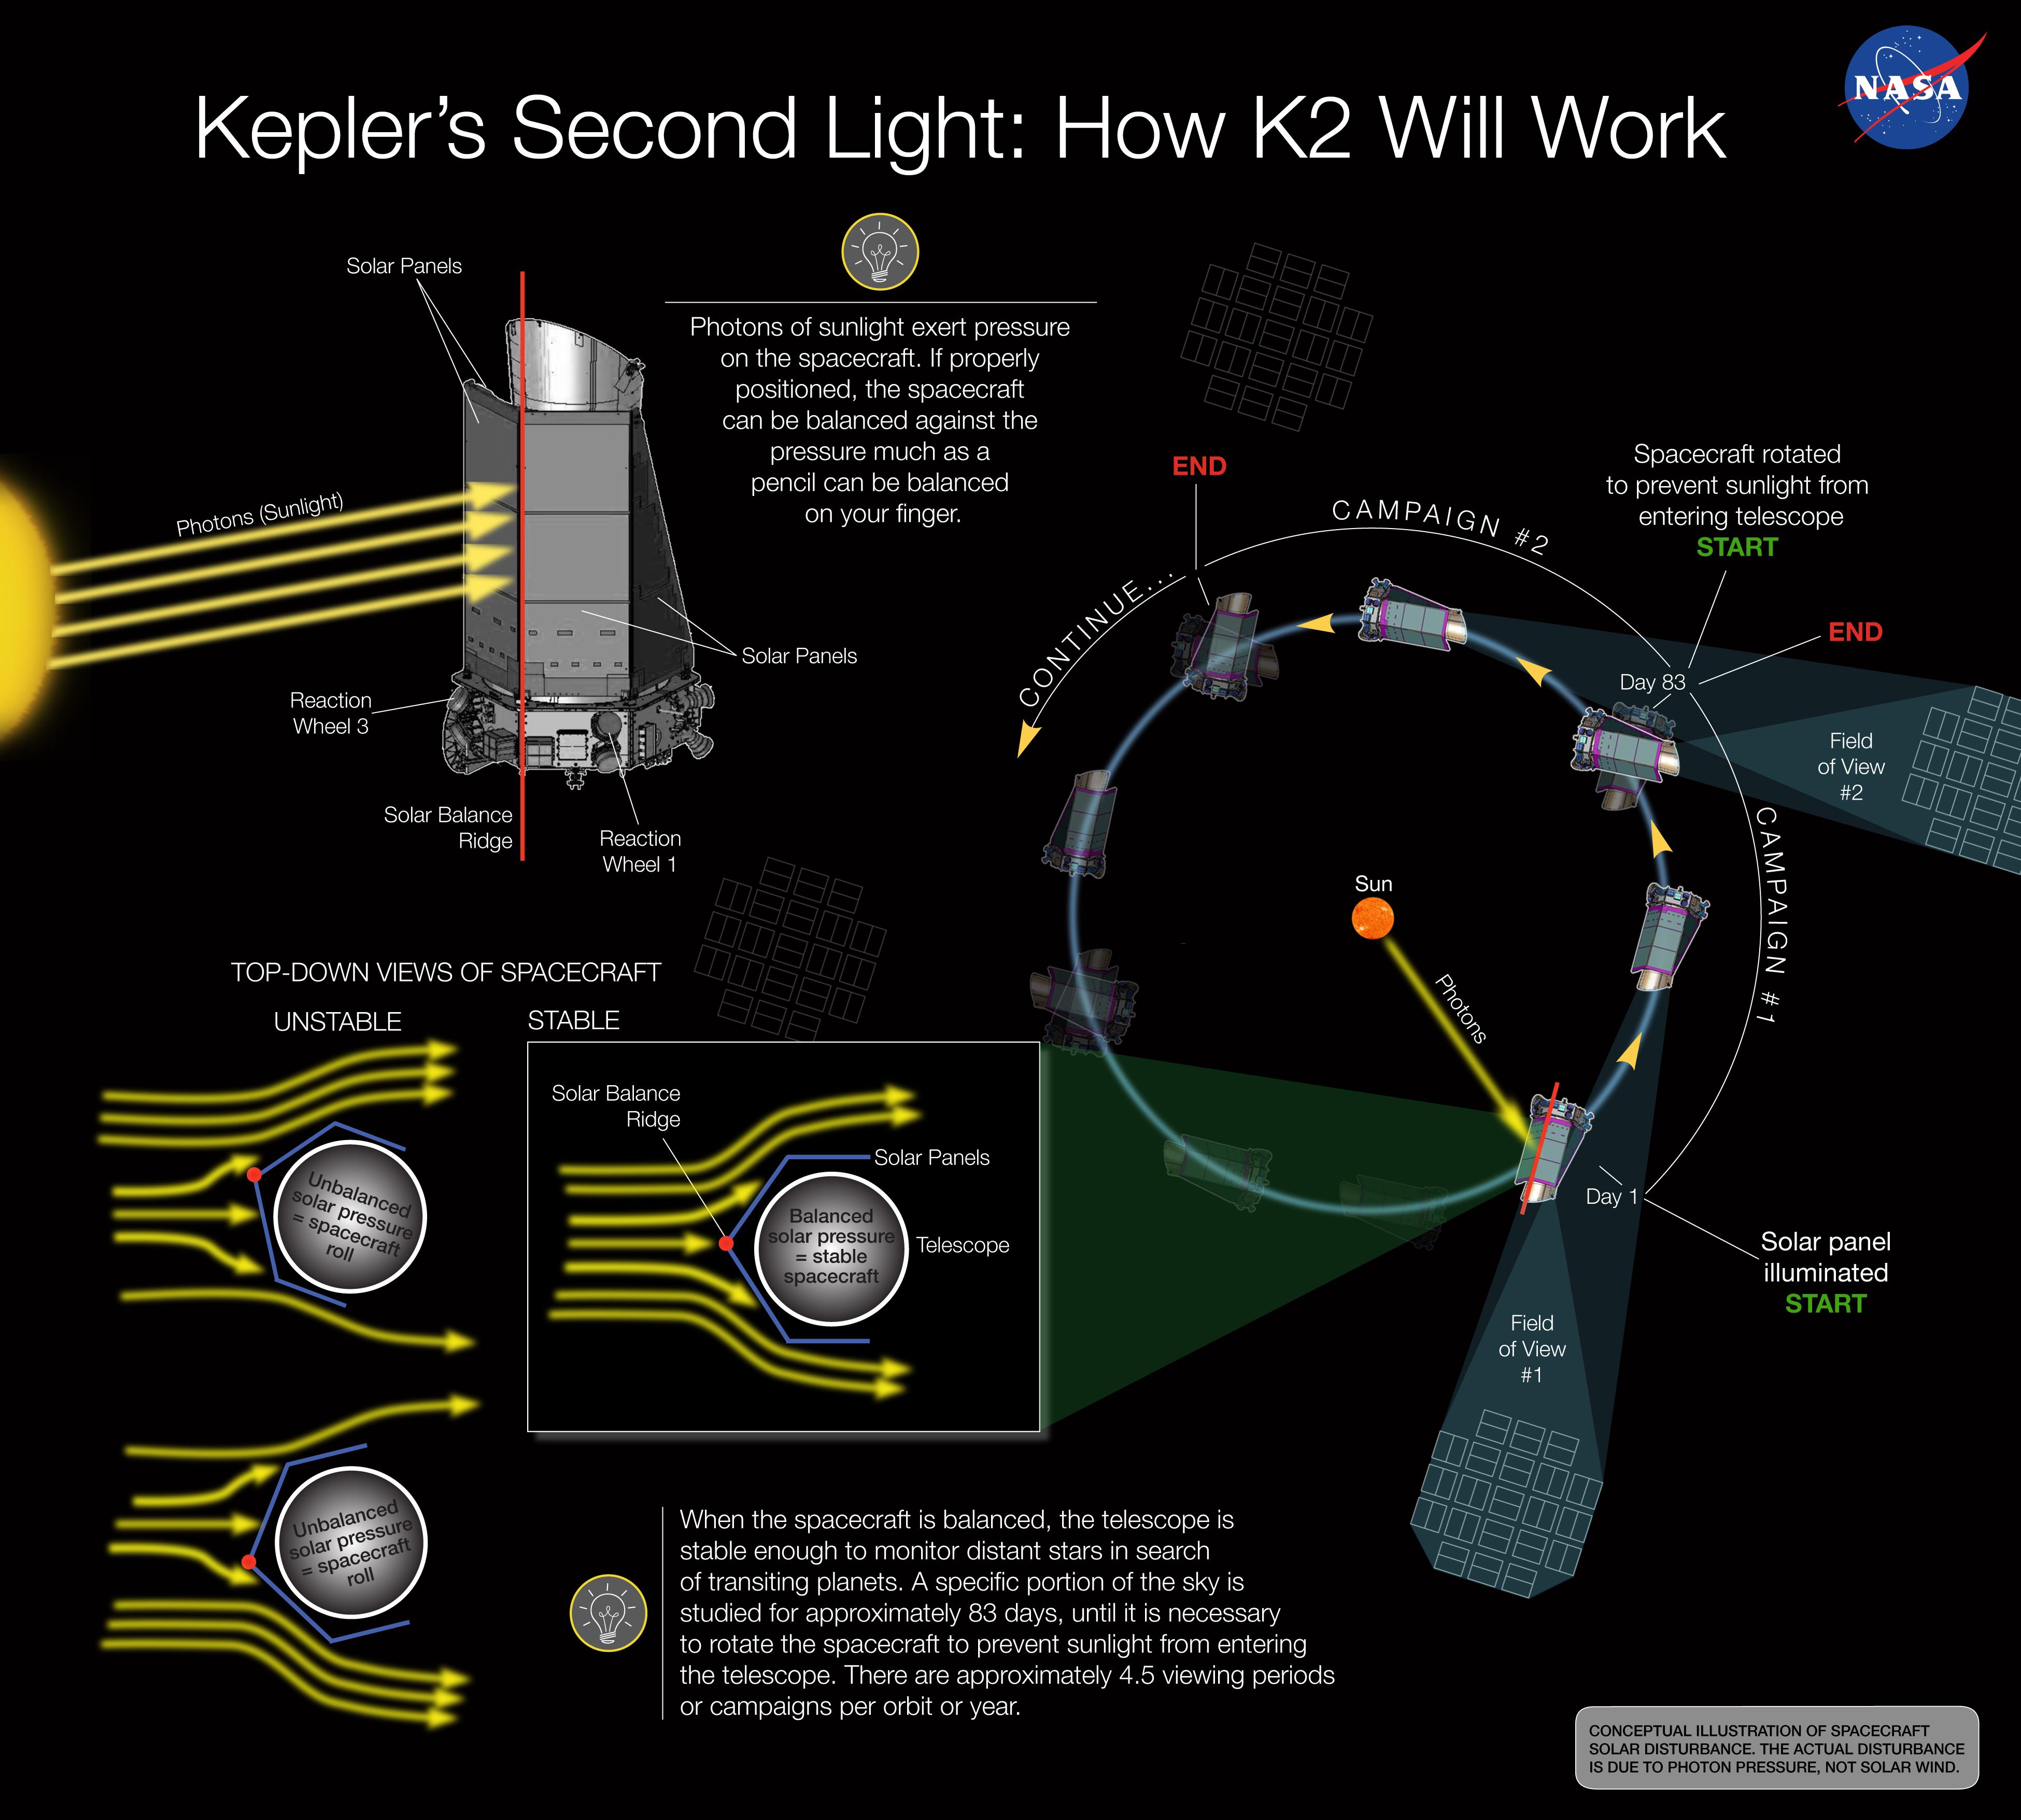 Infográfico mostrando como funciona a missão K2. Em março de 2016 os engenheiros desenvolveram uma maneira inovadora de estabilizar e controlar a nave espacial Kepler. Essa técnica de usar o sol como a